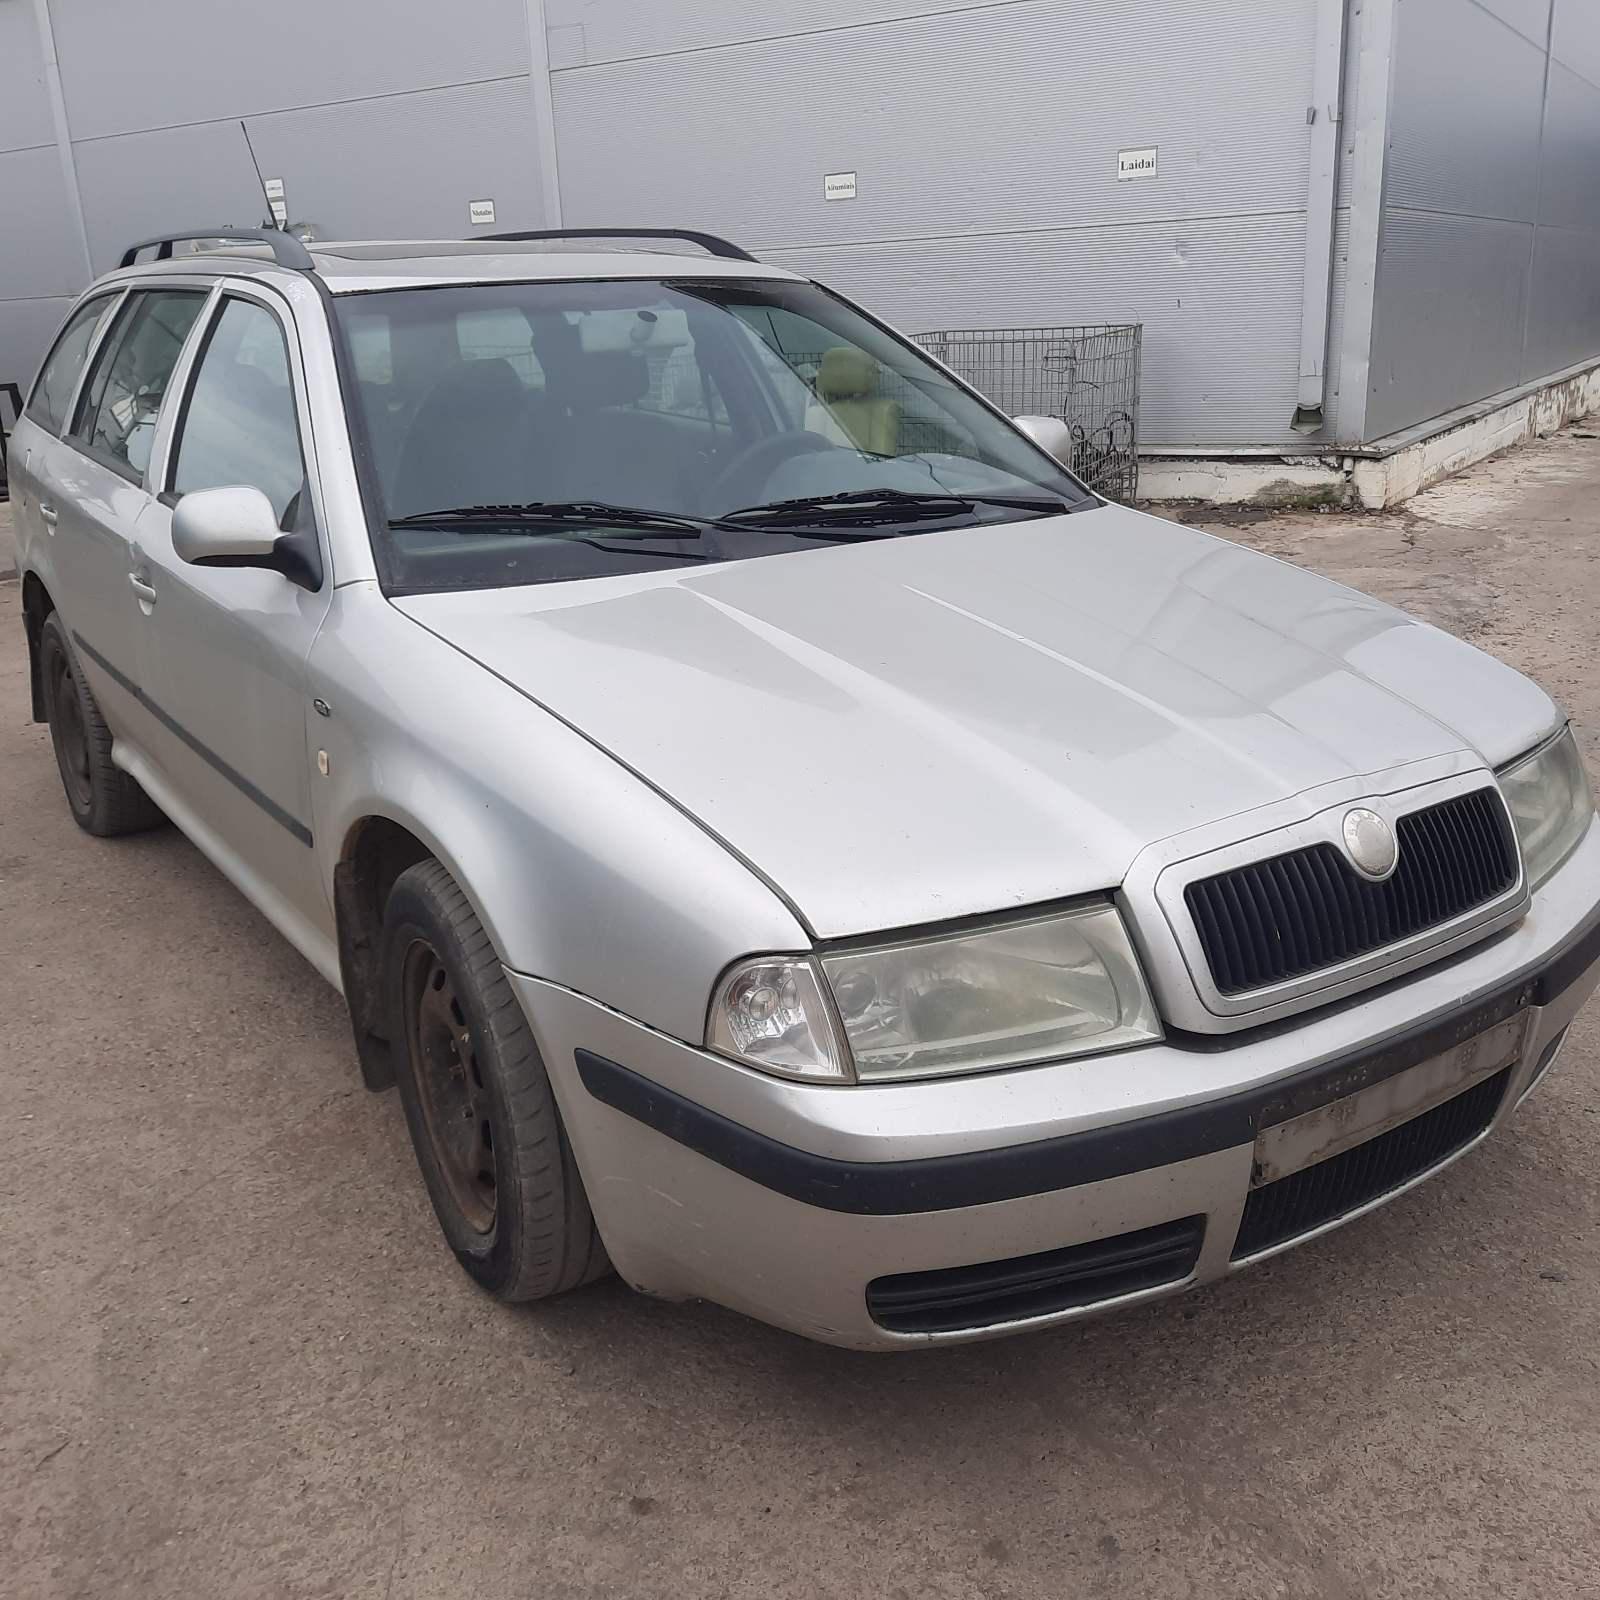 Подержанные Автозапчасти Skoda OCTAVIA 2001 1.9 машиностроение хэтчбэк 4/5 d. Серый 2021-7-23